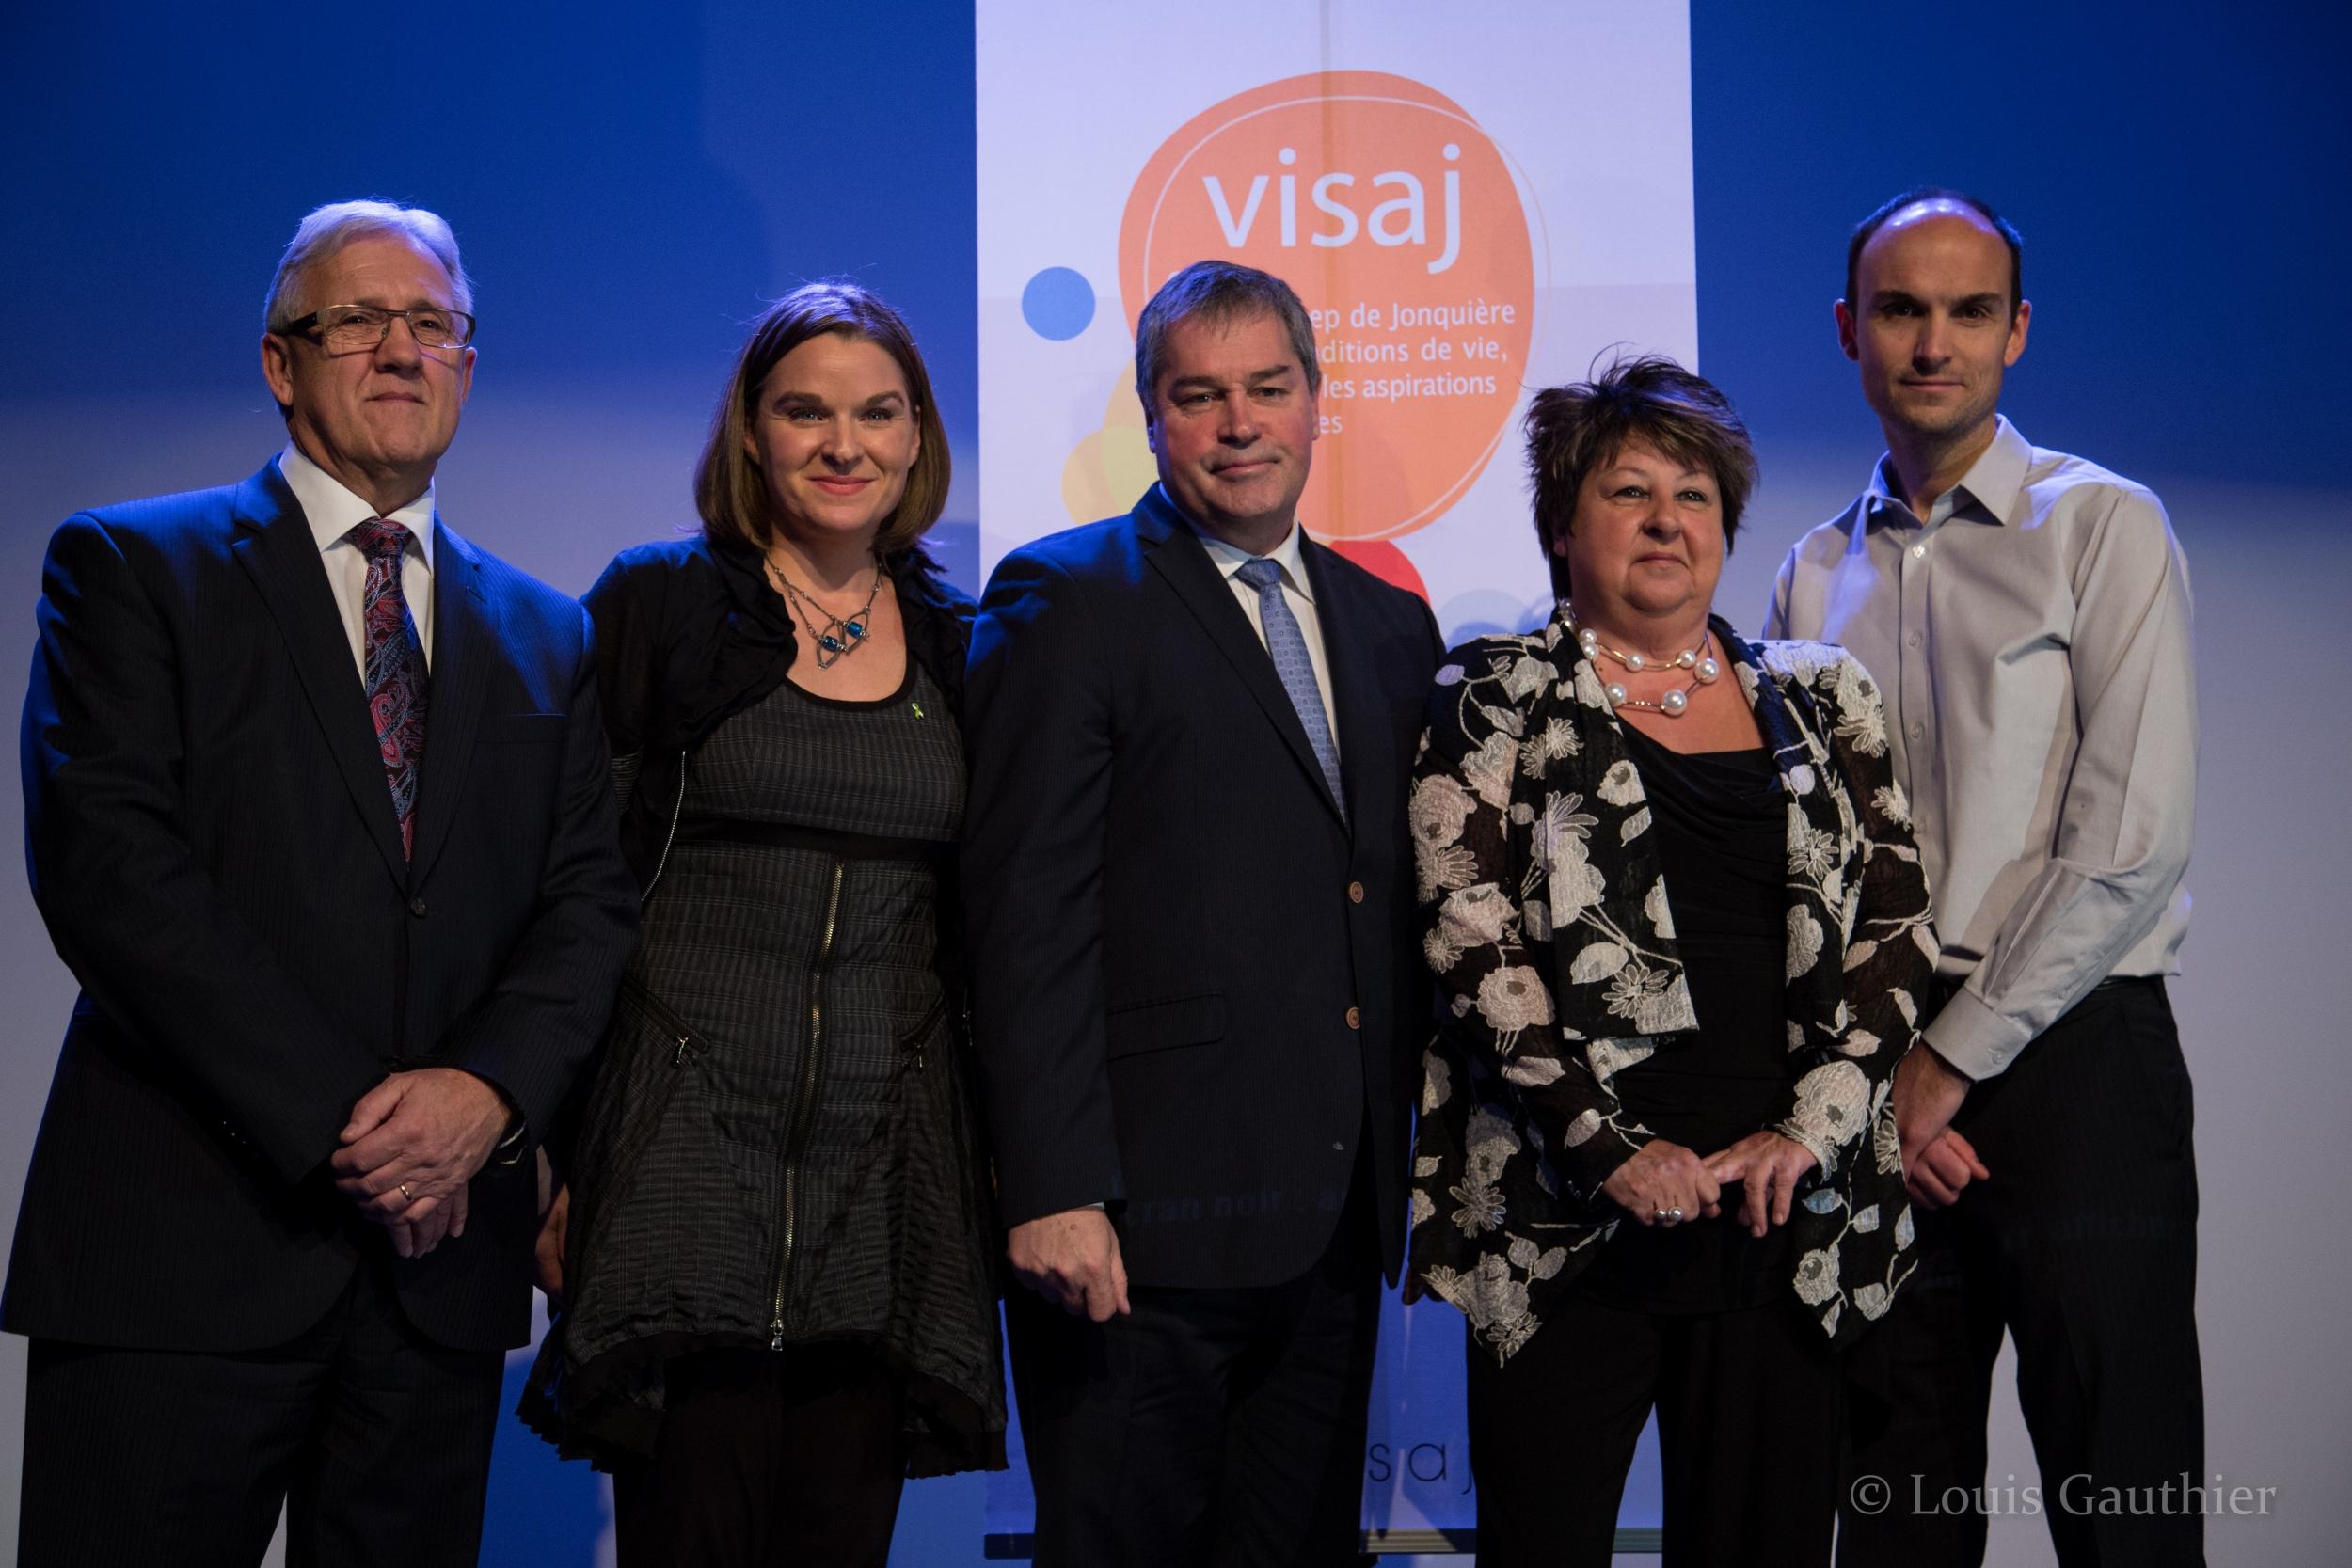 Le ministre Yves Bolduc, entouré de M. Michel Perron, de Mme Isabel Auclair, de Mme Guylaine Proulx et de M. Stéphane Allaire.